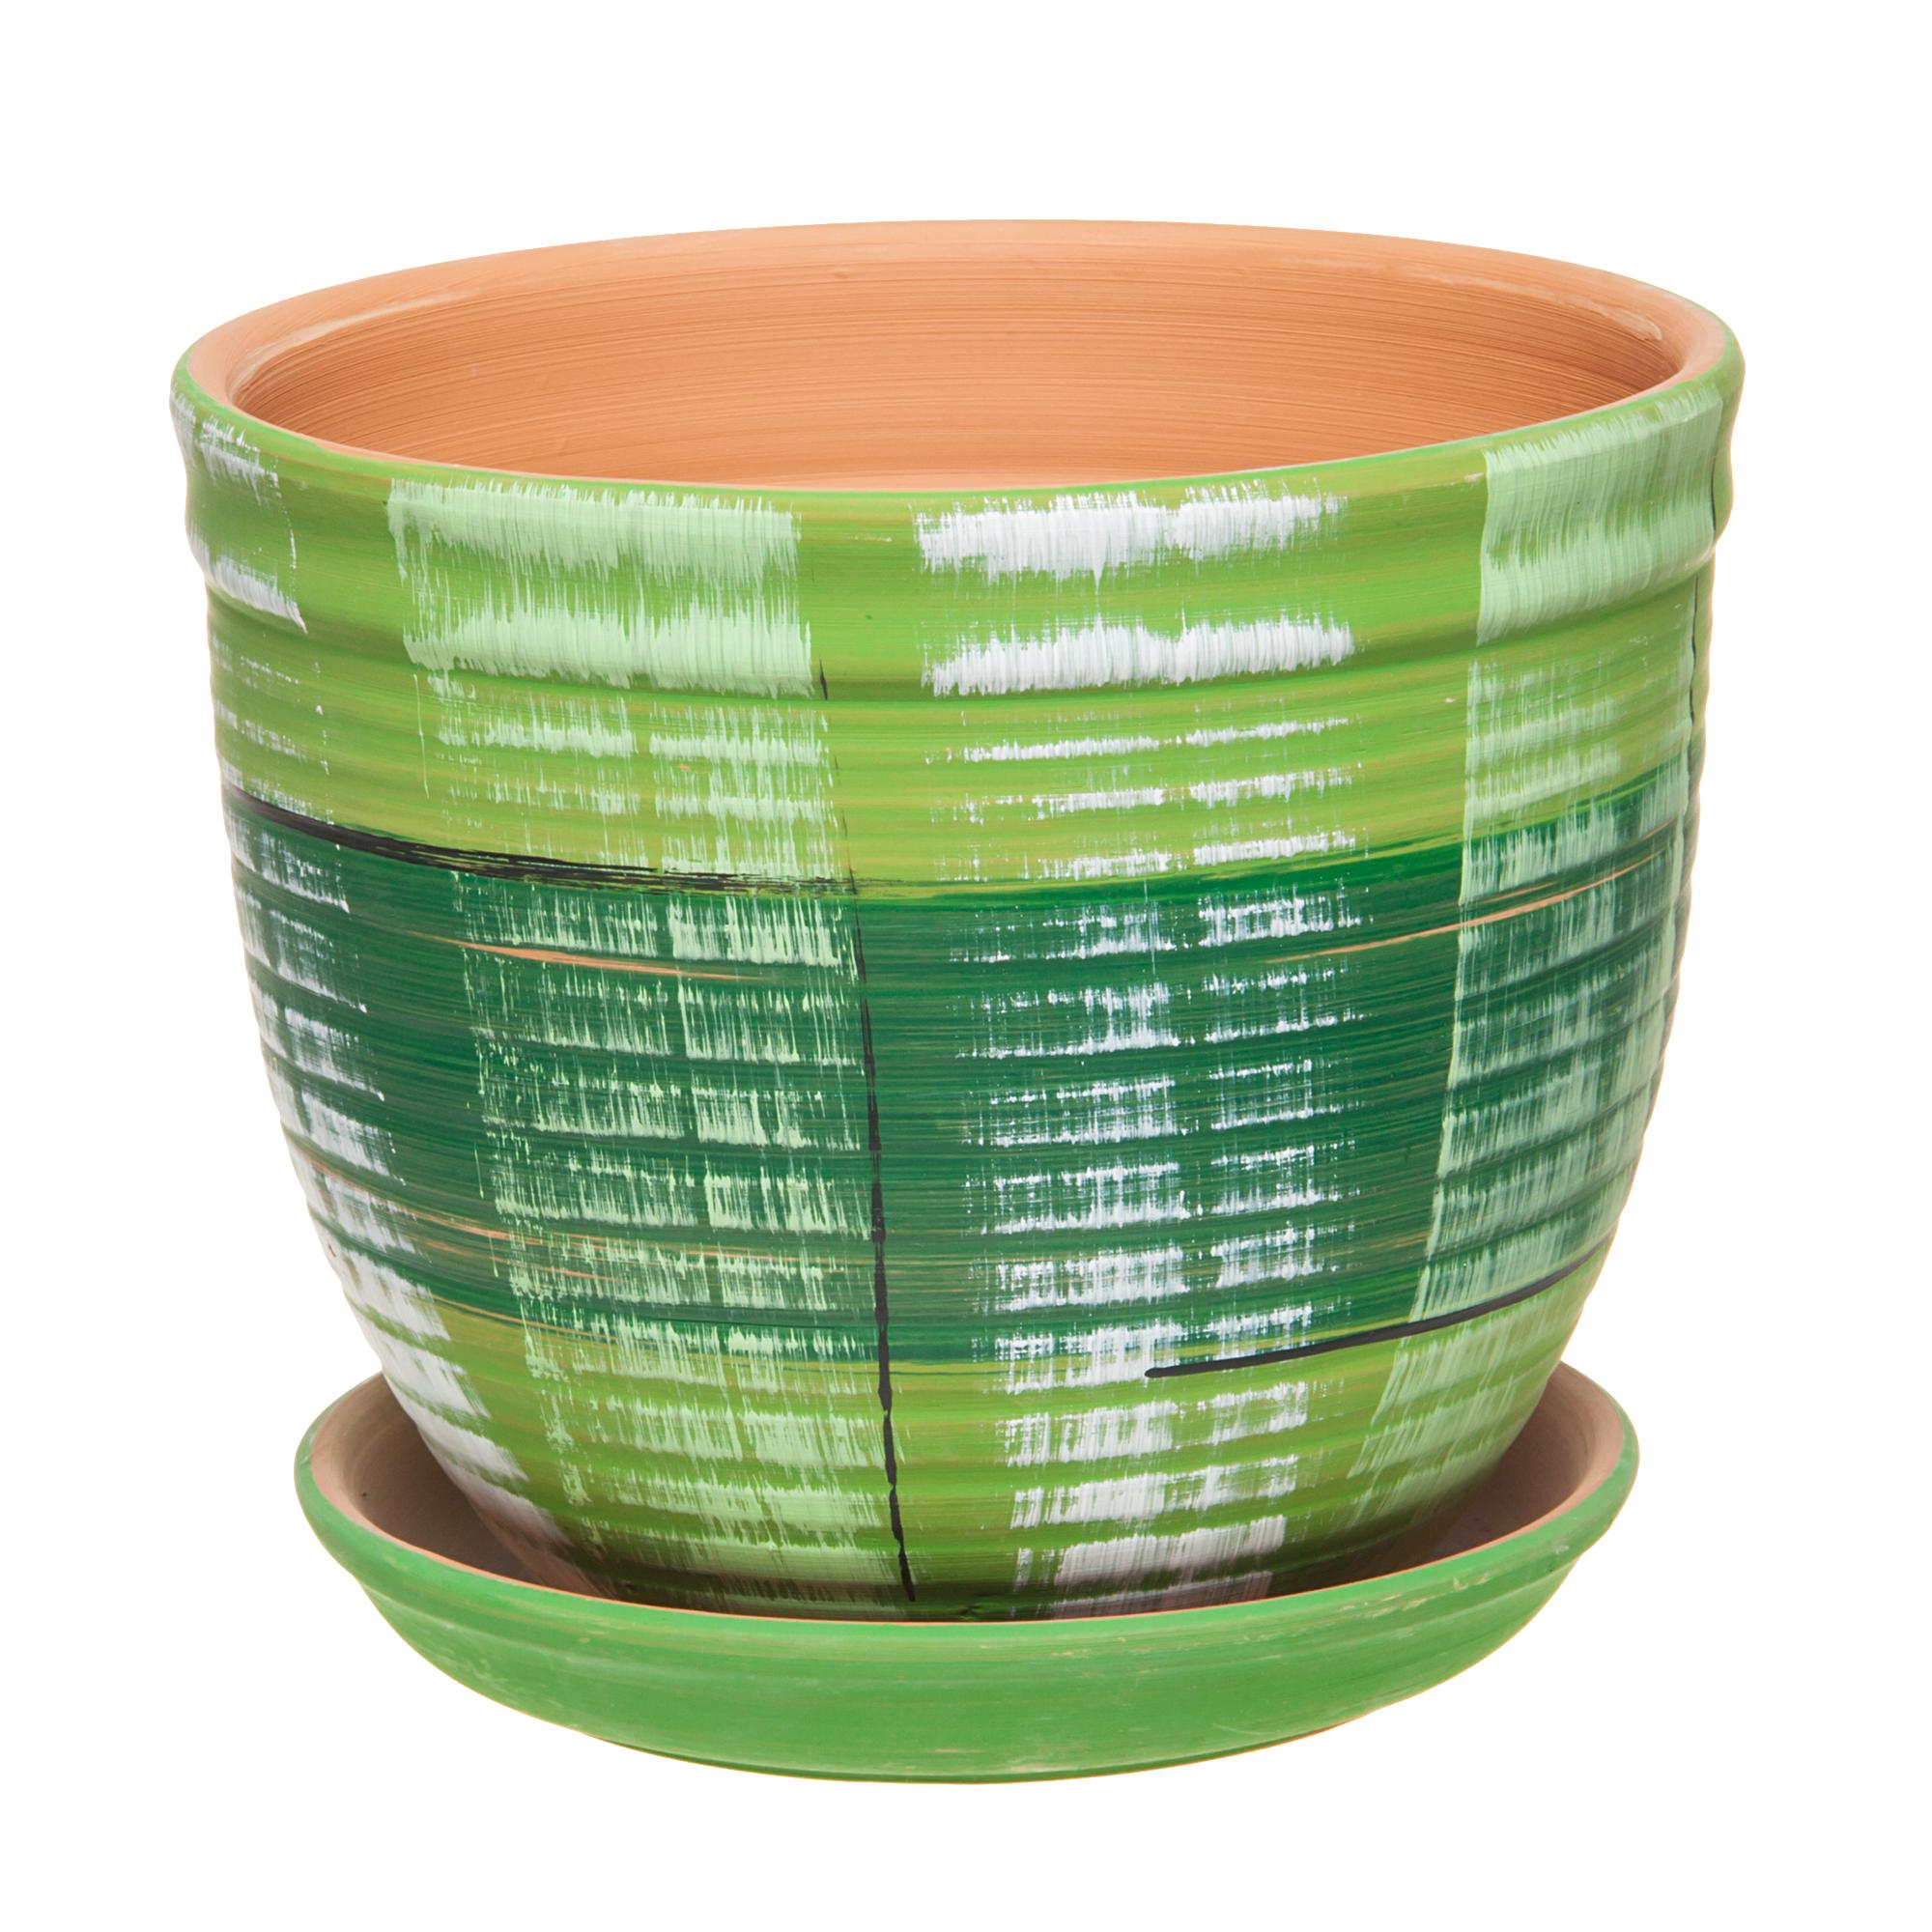 Горшок Серебряный ручей D 24.5 см зеленый фото